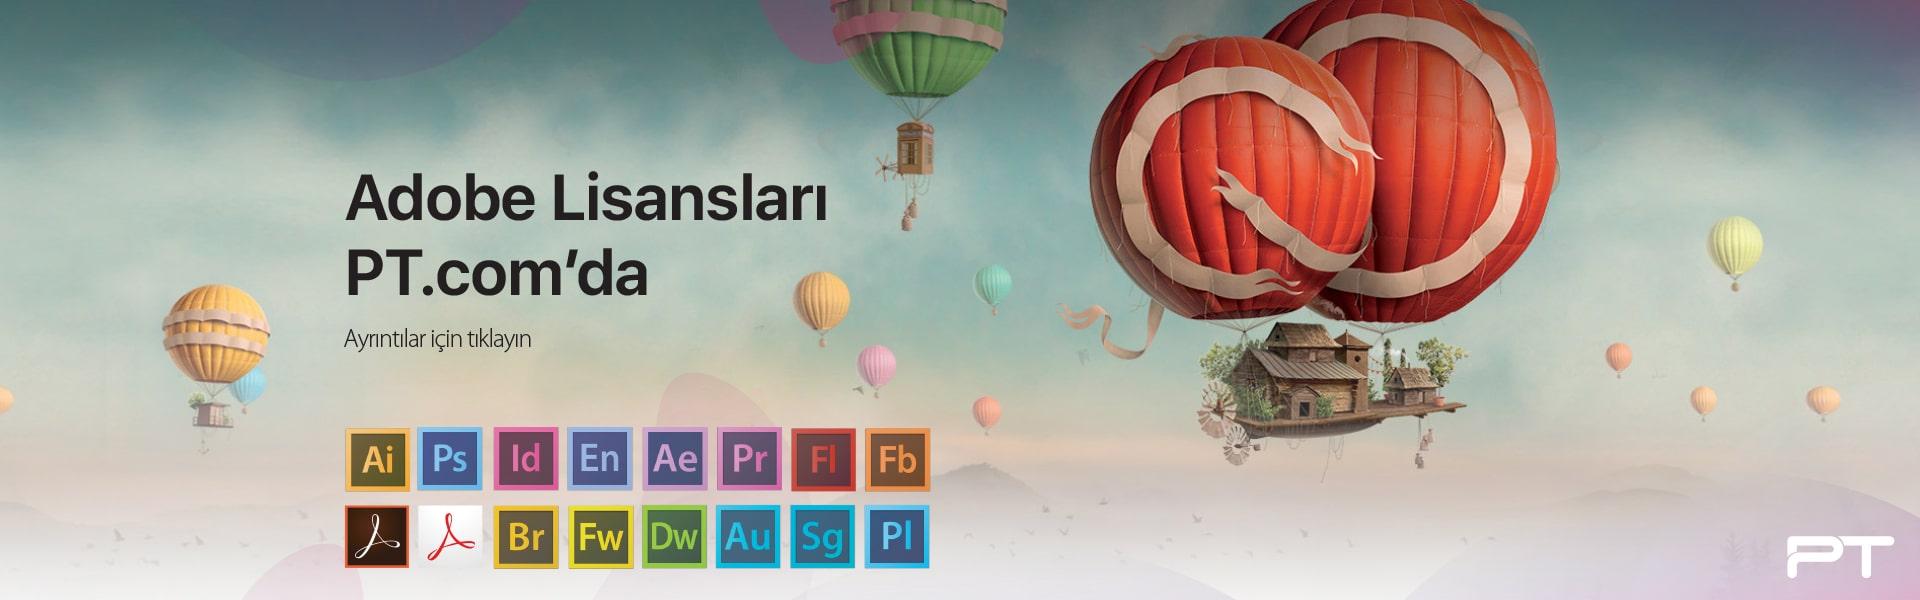 Adobe lisansları